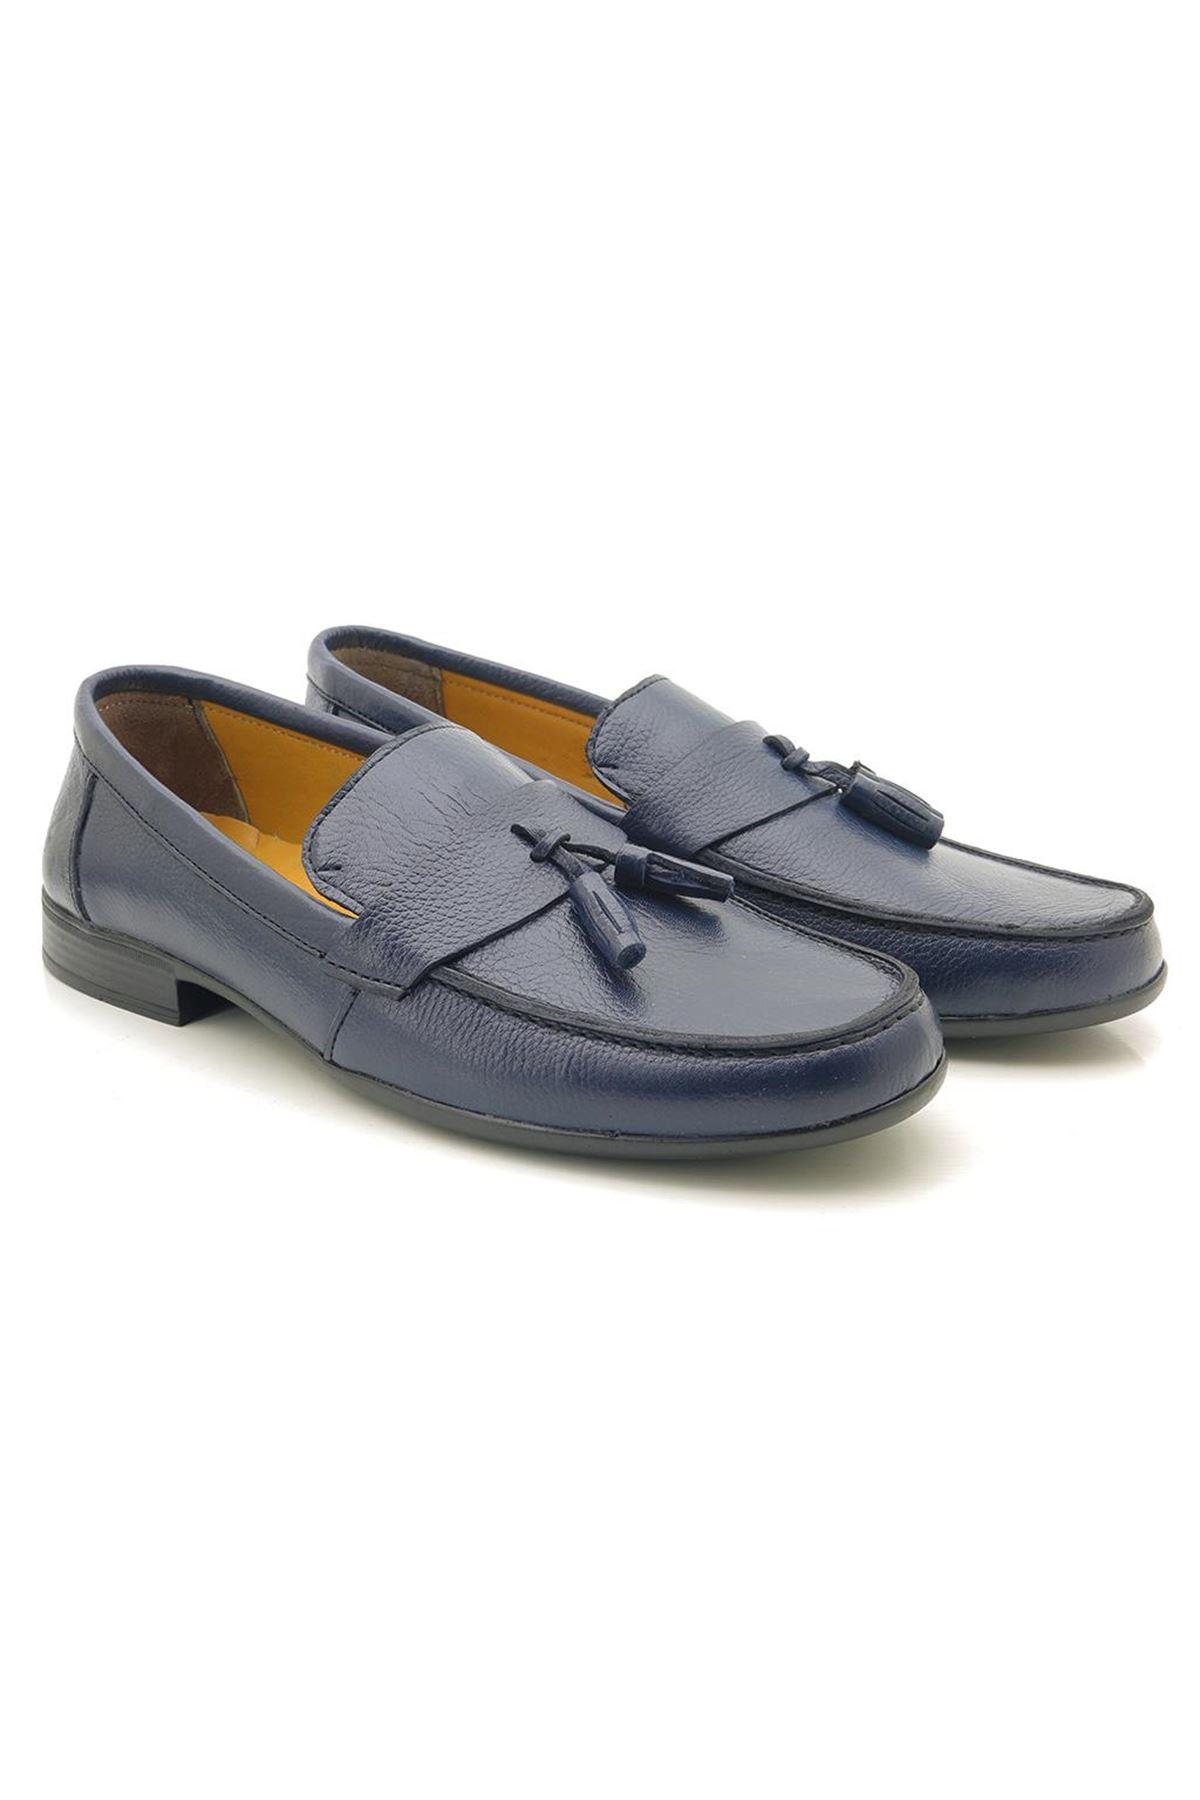 Loafer Püsküllü 6001 Hakiki Deri Erkek Ayakkabı